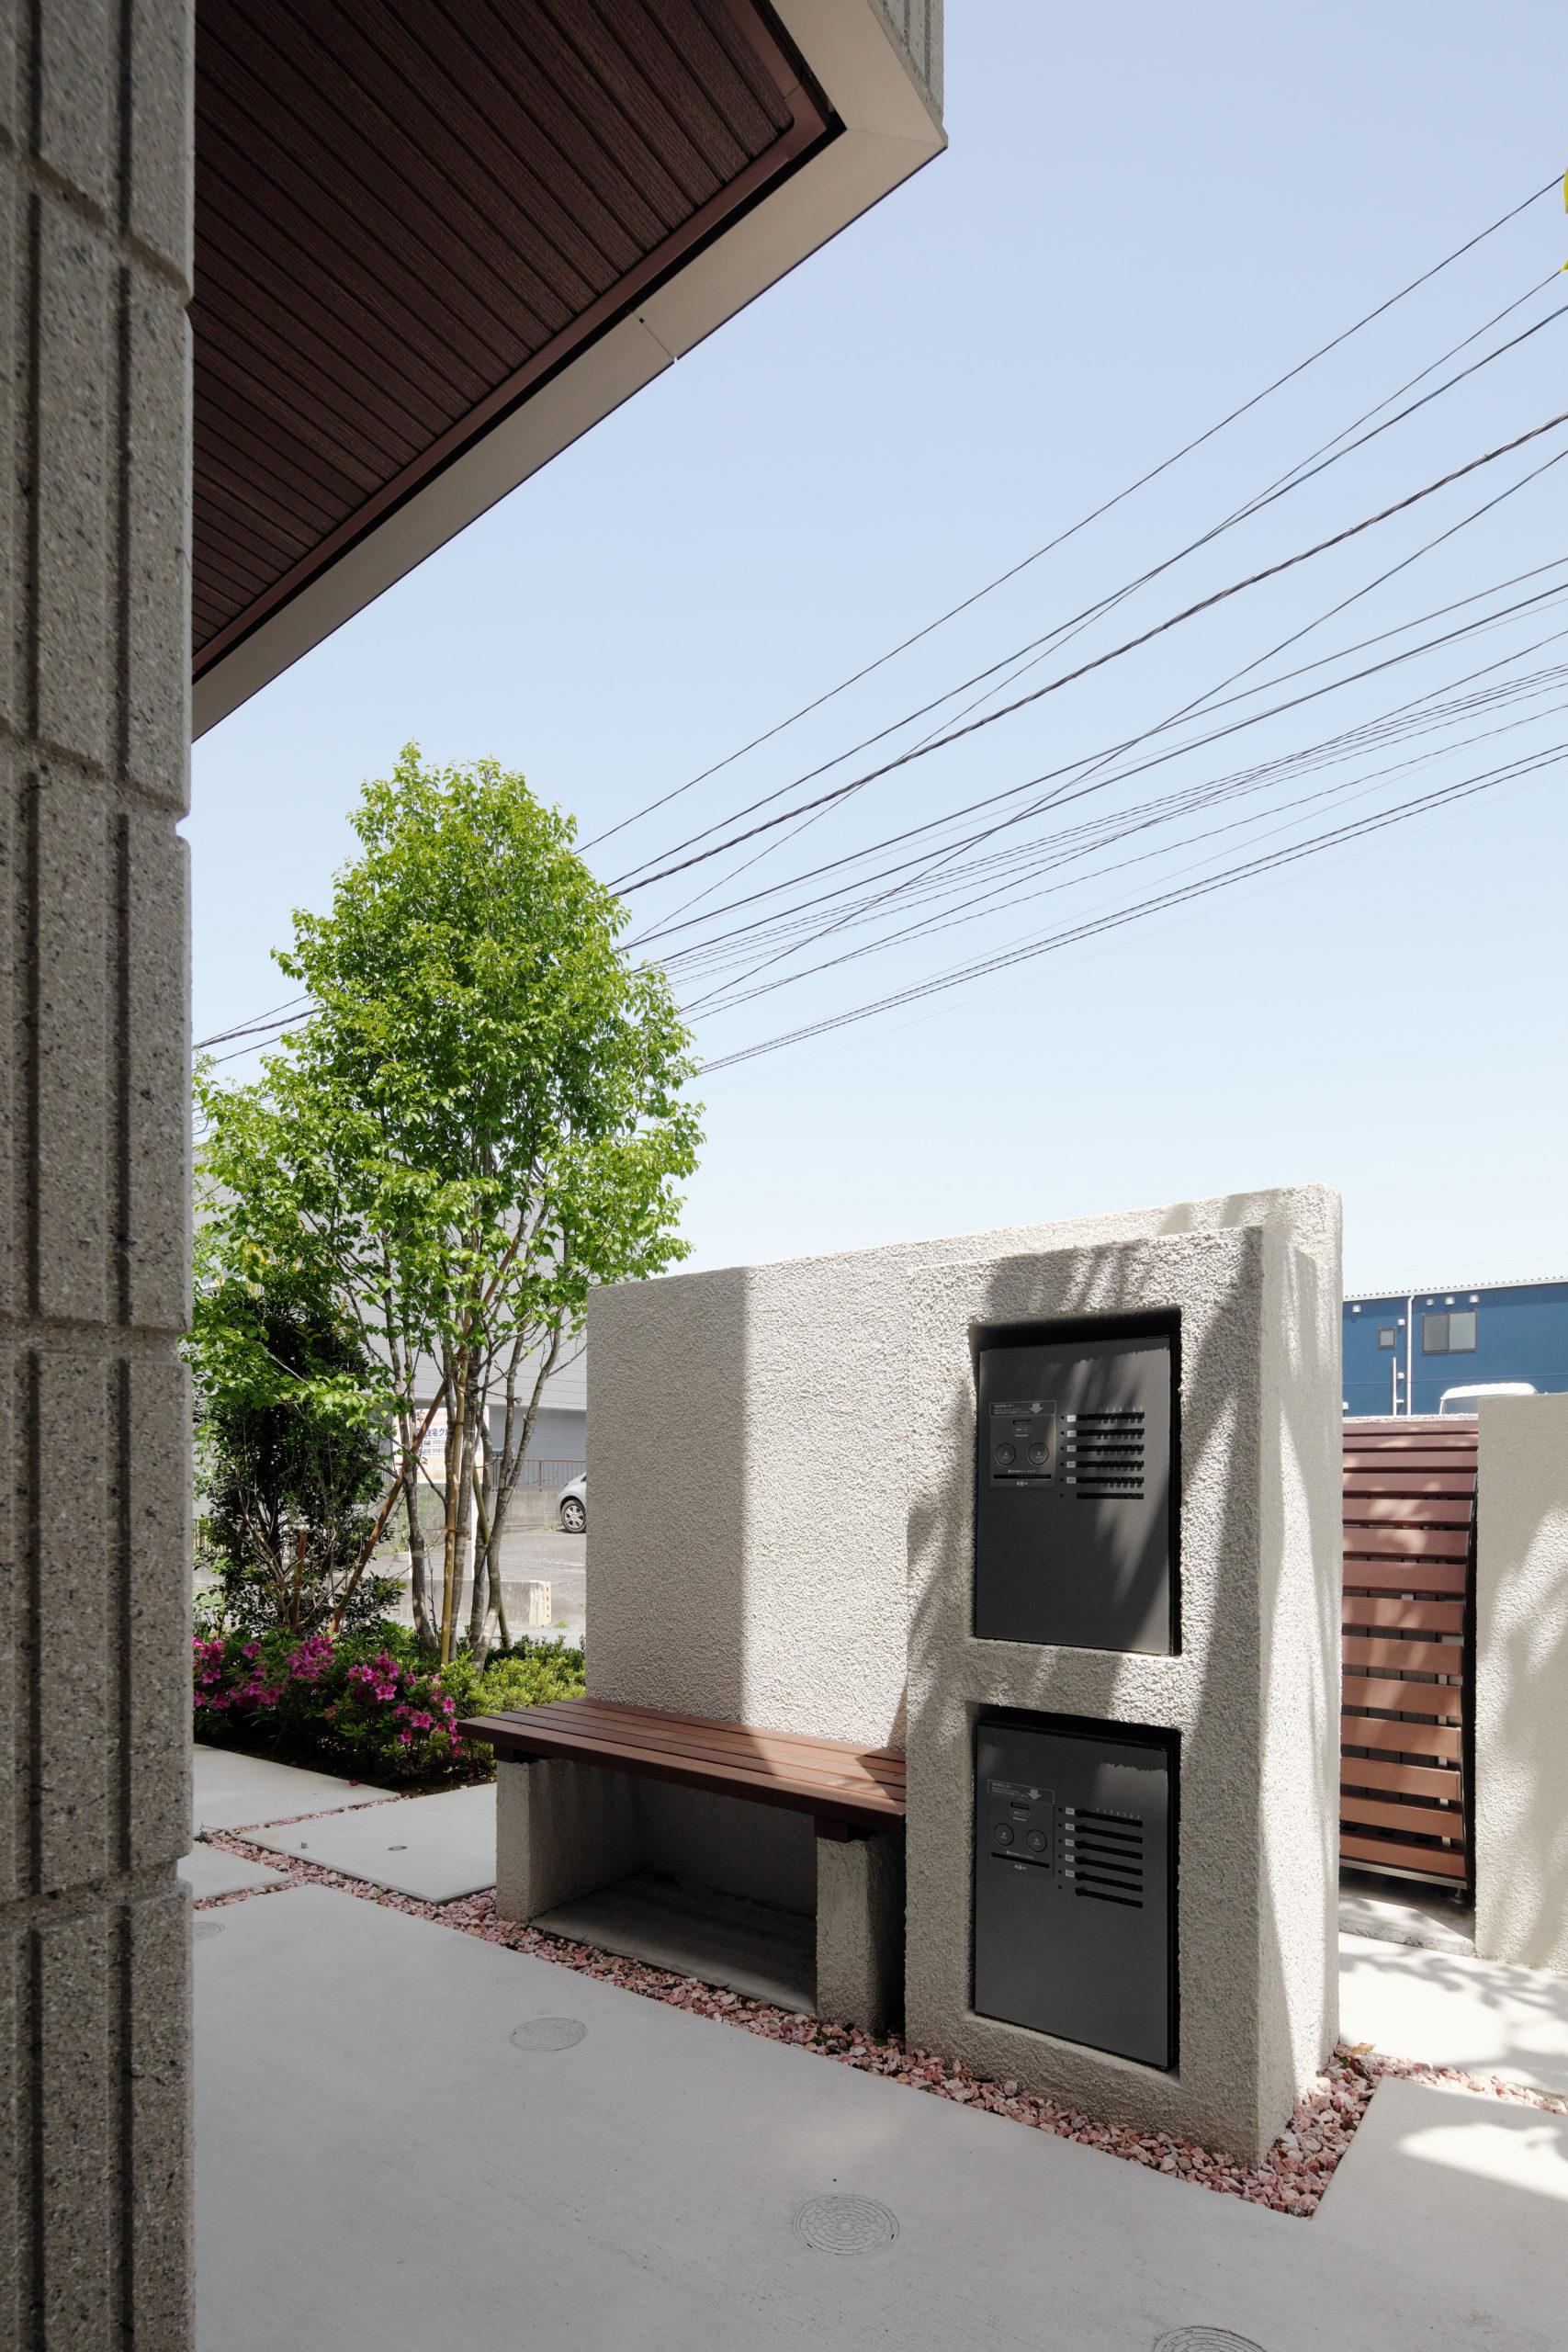 宅配BOXと住人のの憩いスペースとしてベンチを配置